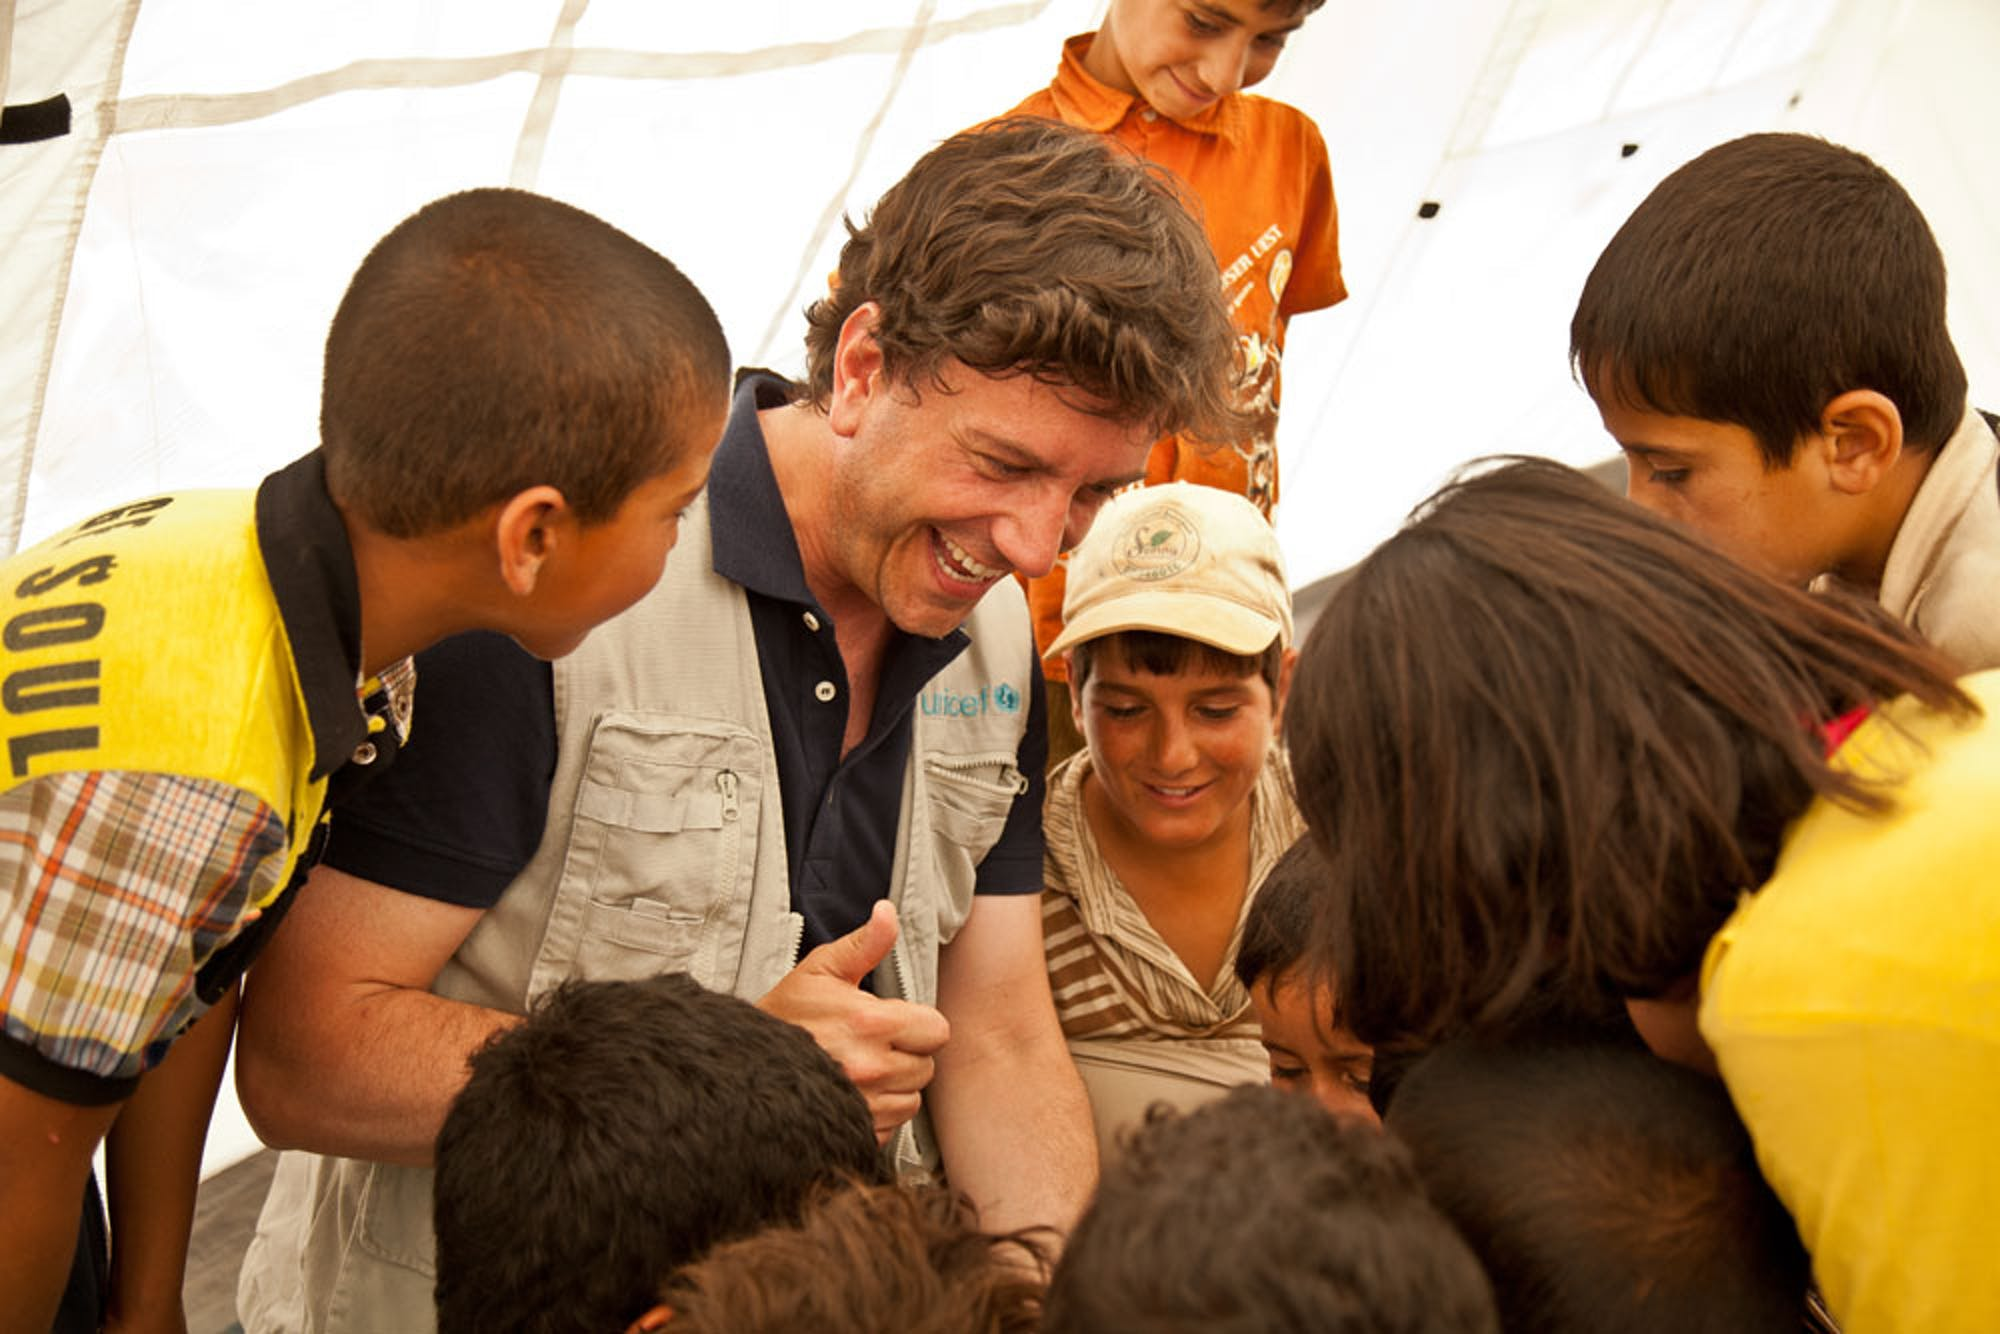 Il portavoce di UNICEF Italia incontra i ragazzi di Civitavecchia